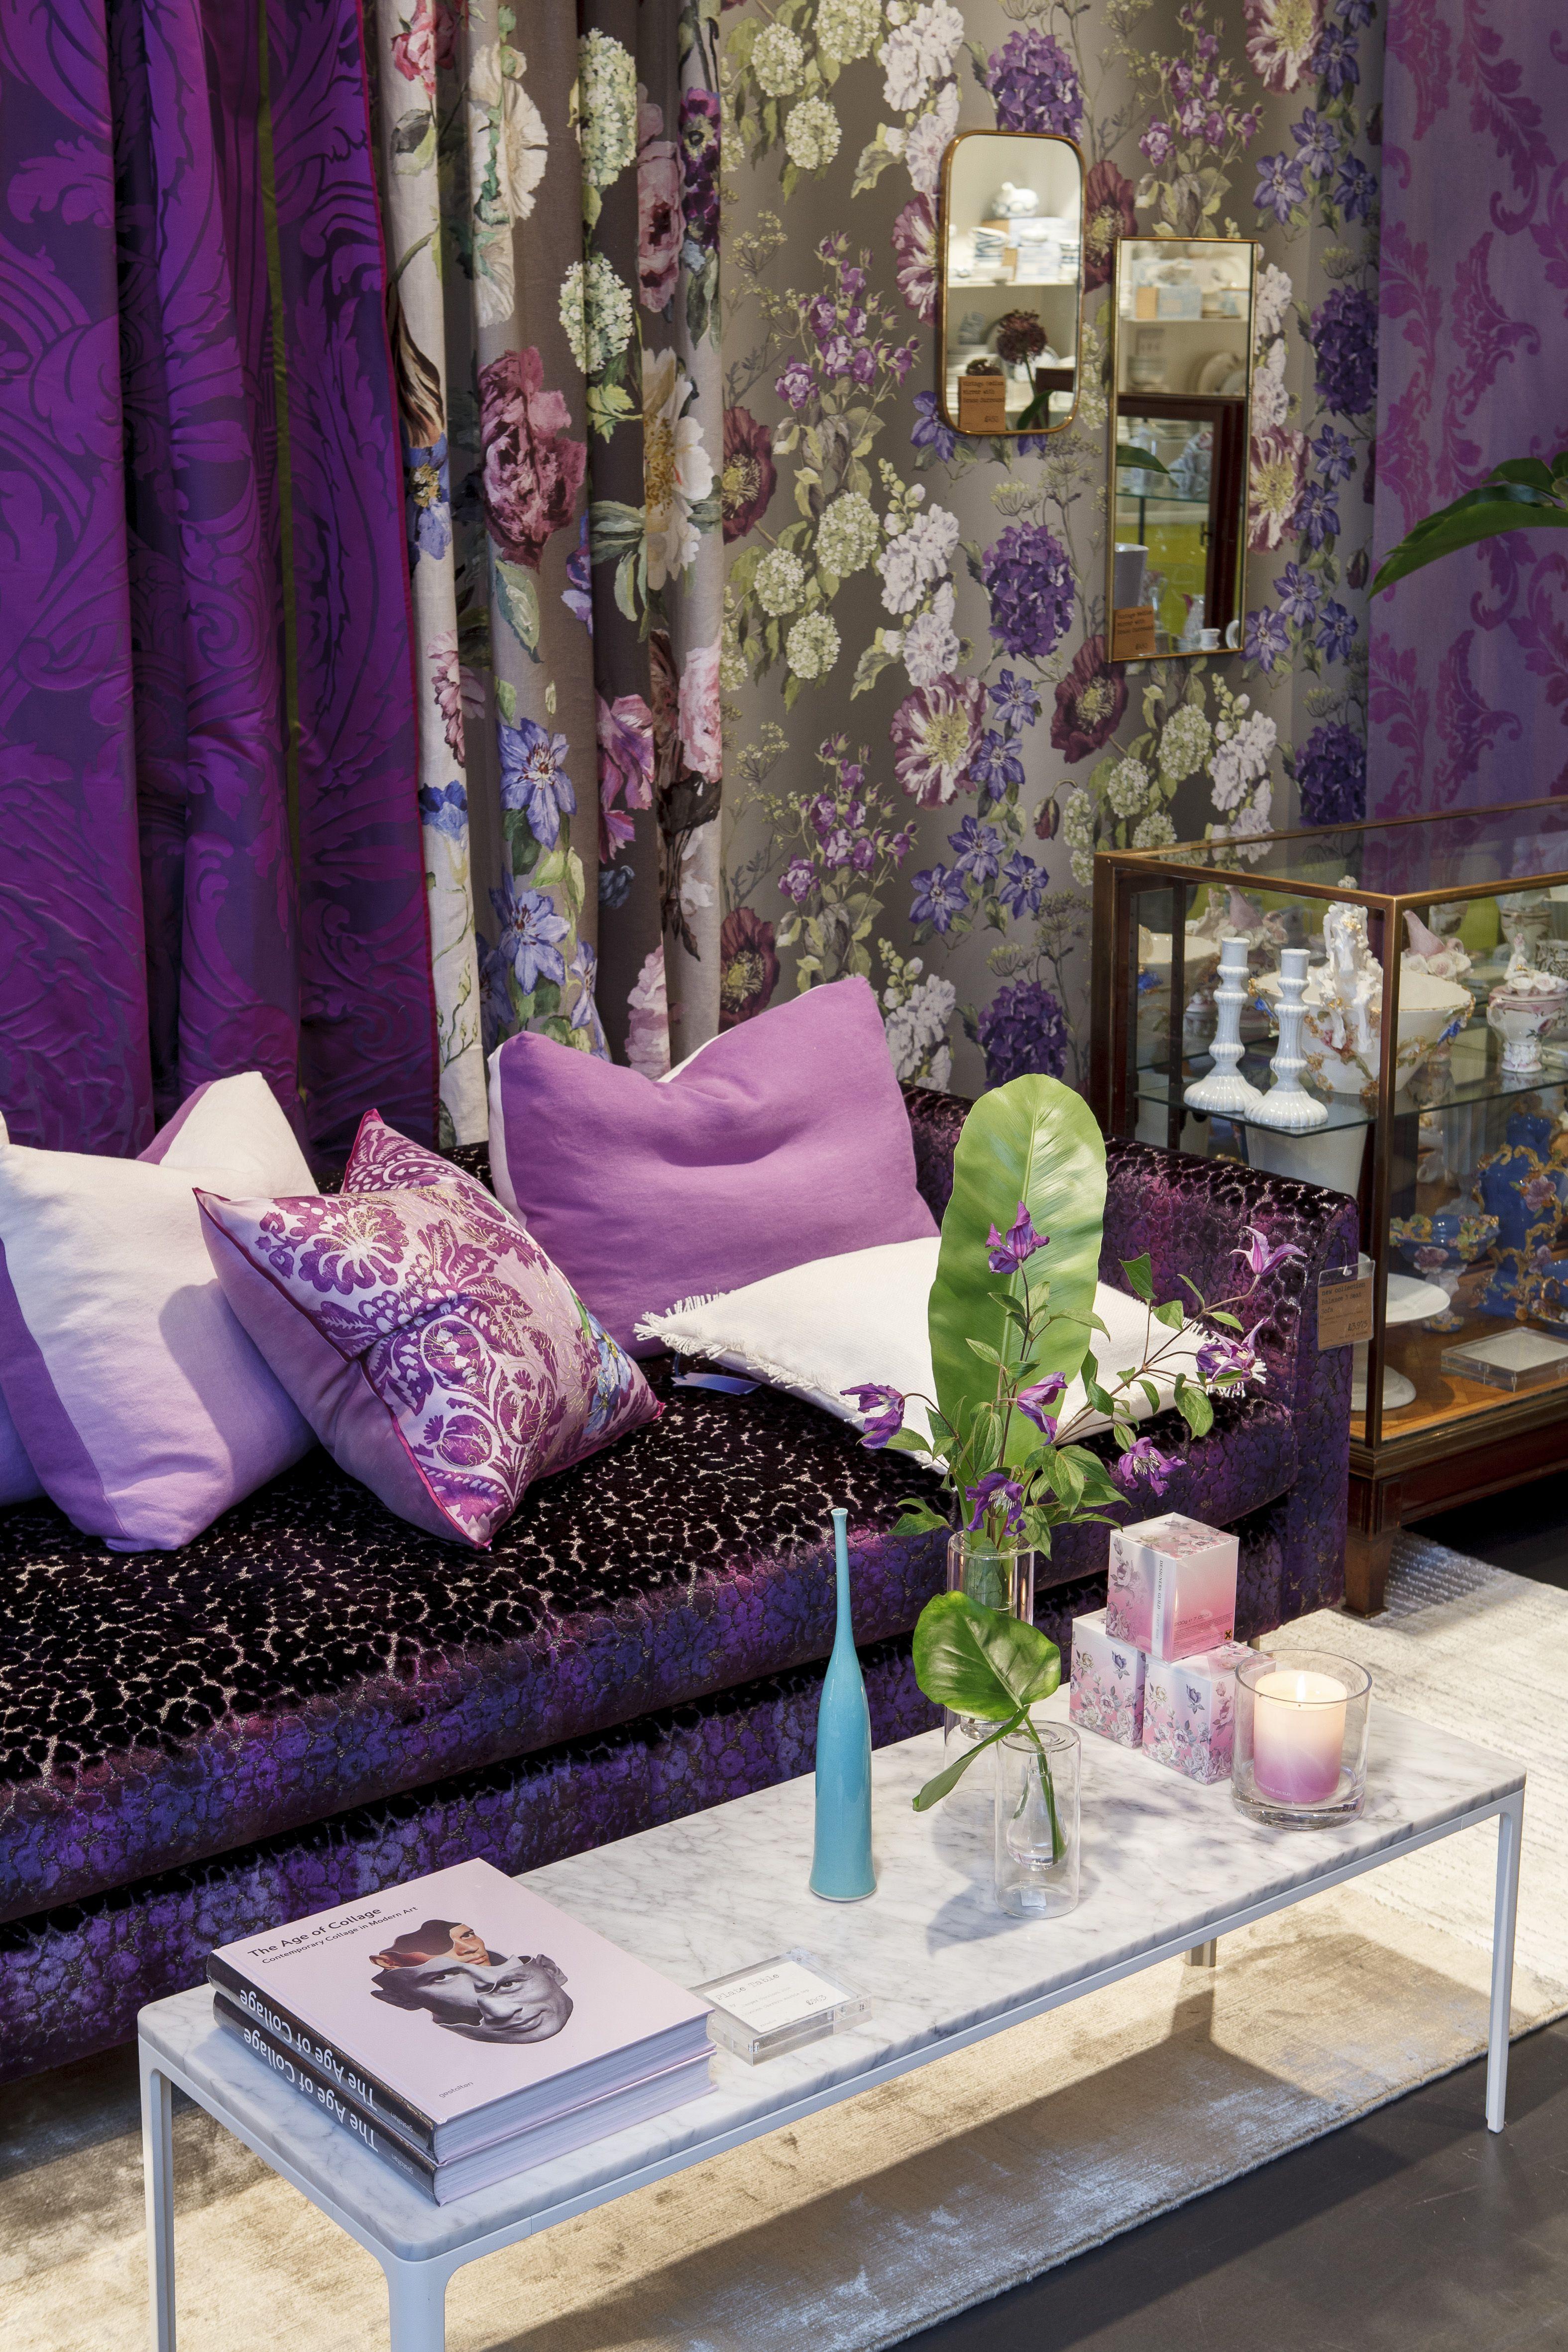 D coration int rieure salon living room maison violet - Decoration living couleurs ...